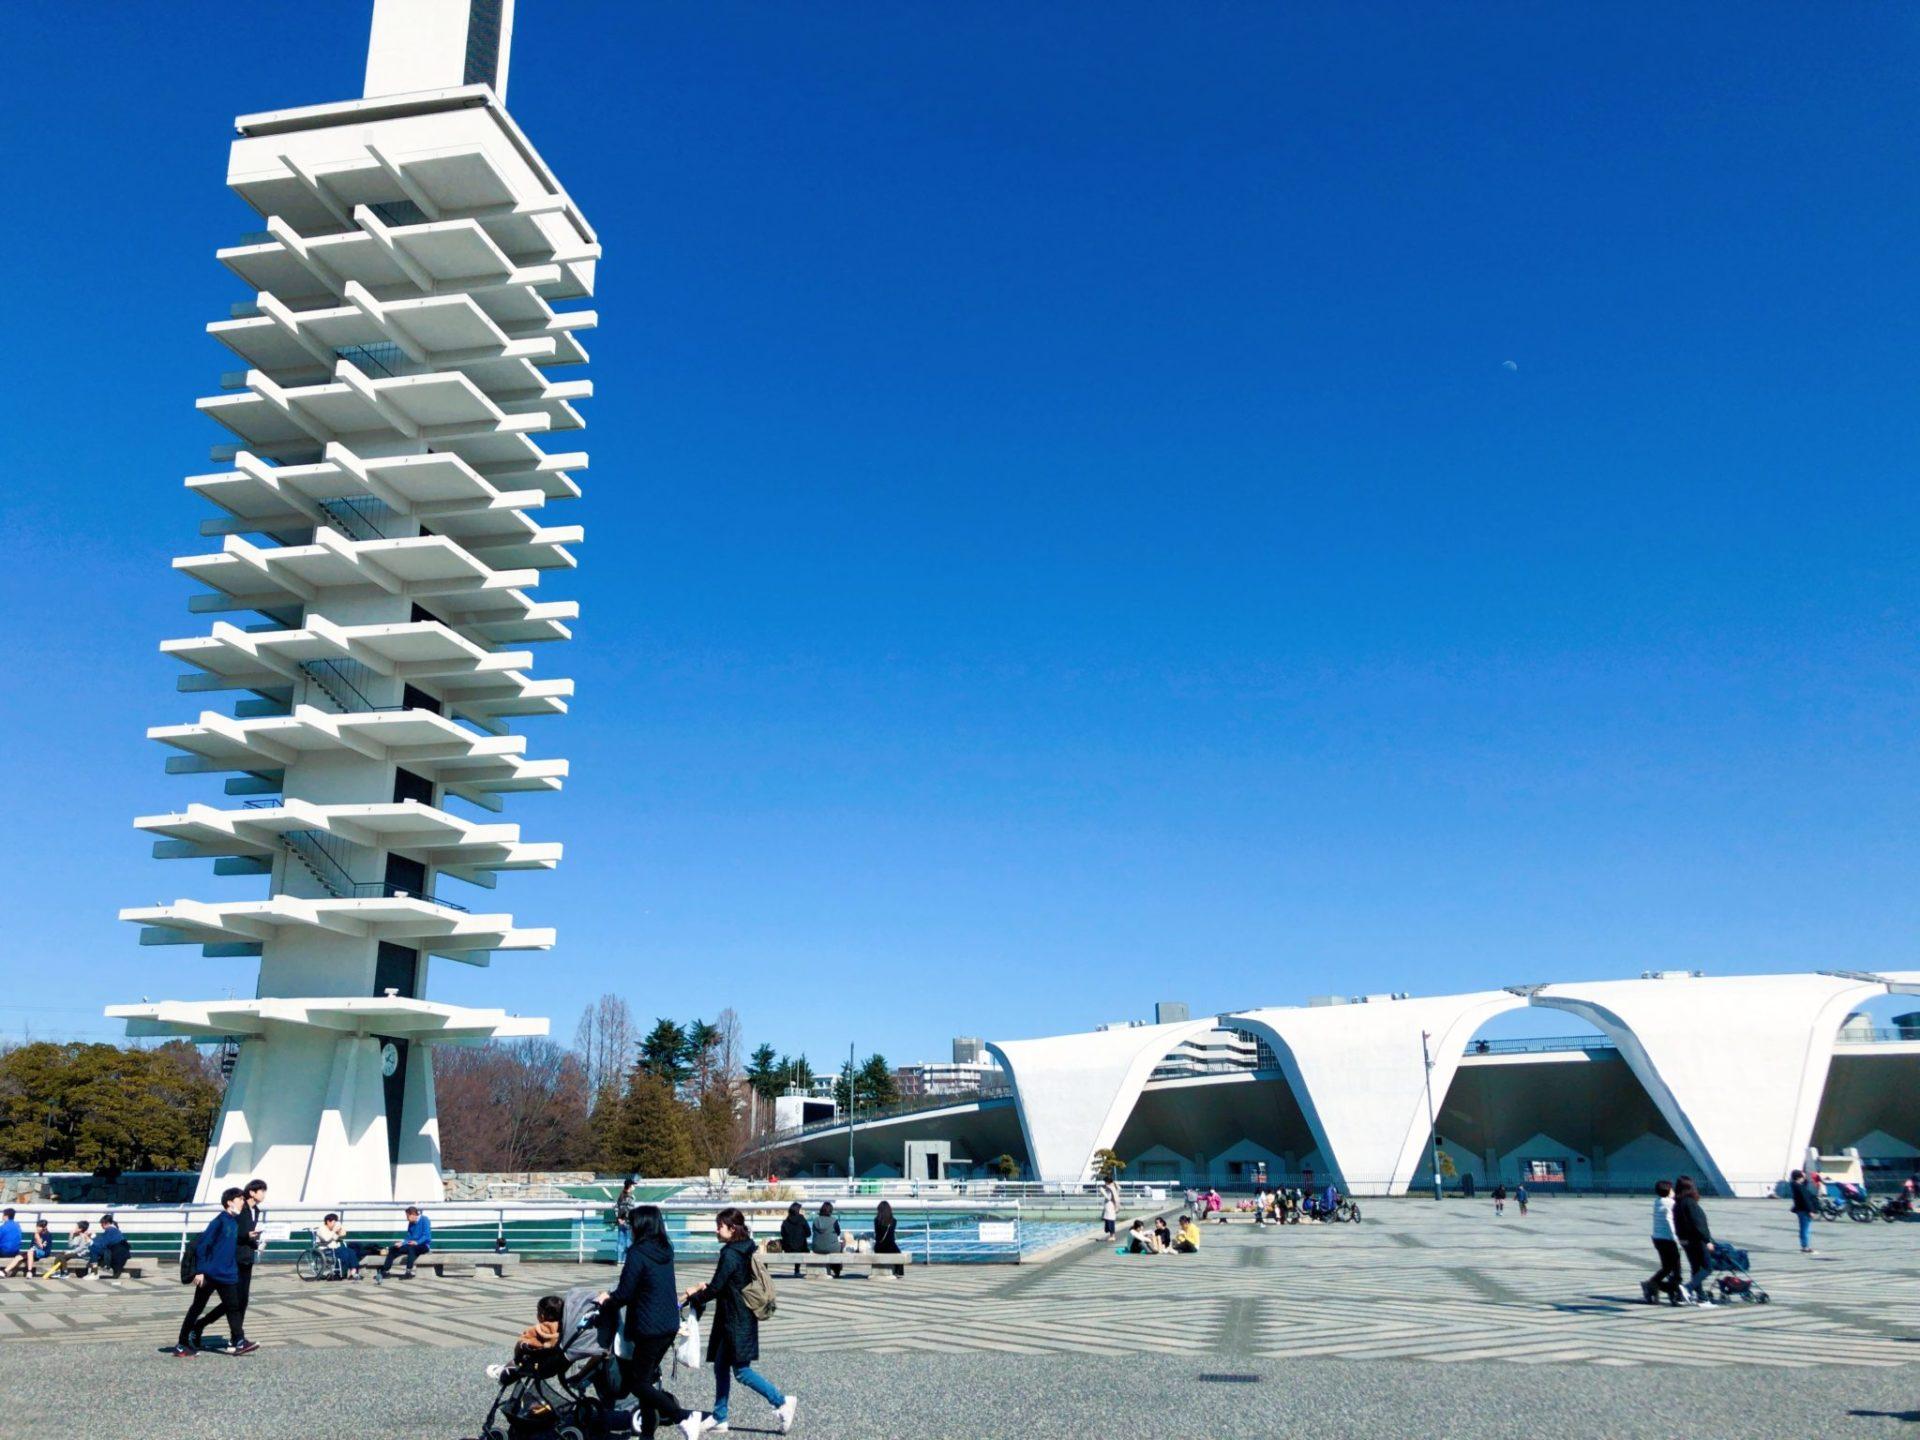 駒沢公園 オリンピックの聖地 をわかりやすく紹介 周辺カフェ情報つき 世田谷ローカル Setagaya Local